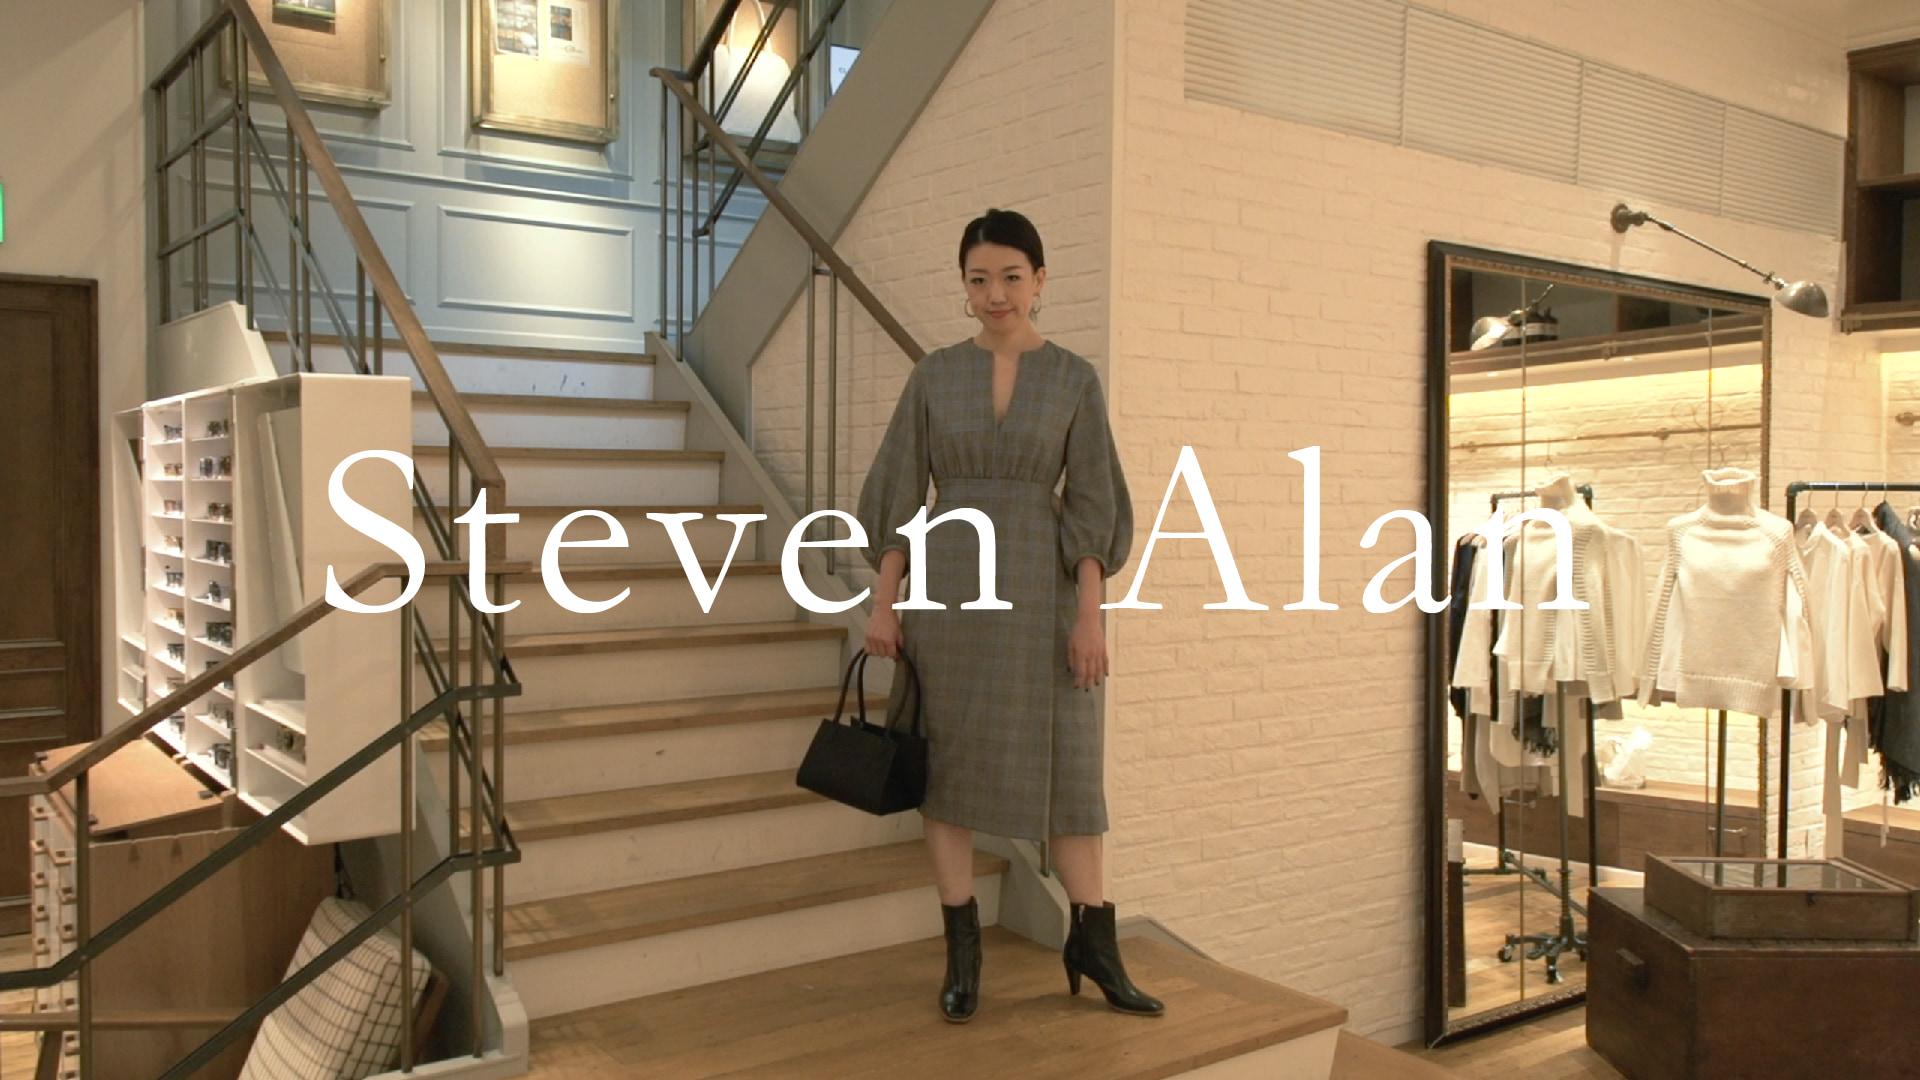 グレンチェックワンピースが主役の、モダンなミニマルコーデ【Steven Alan】(スティーブン アラン)#1